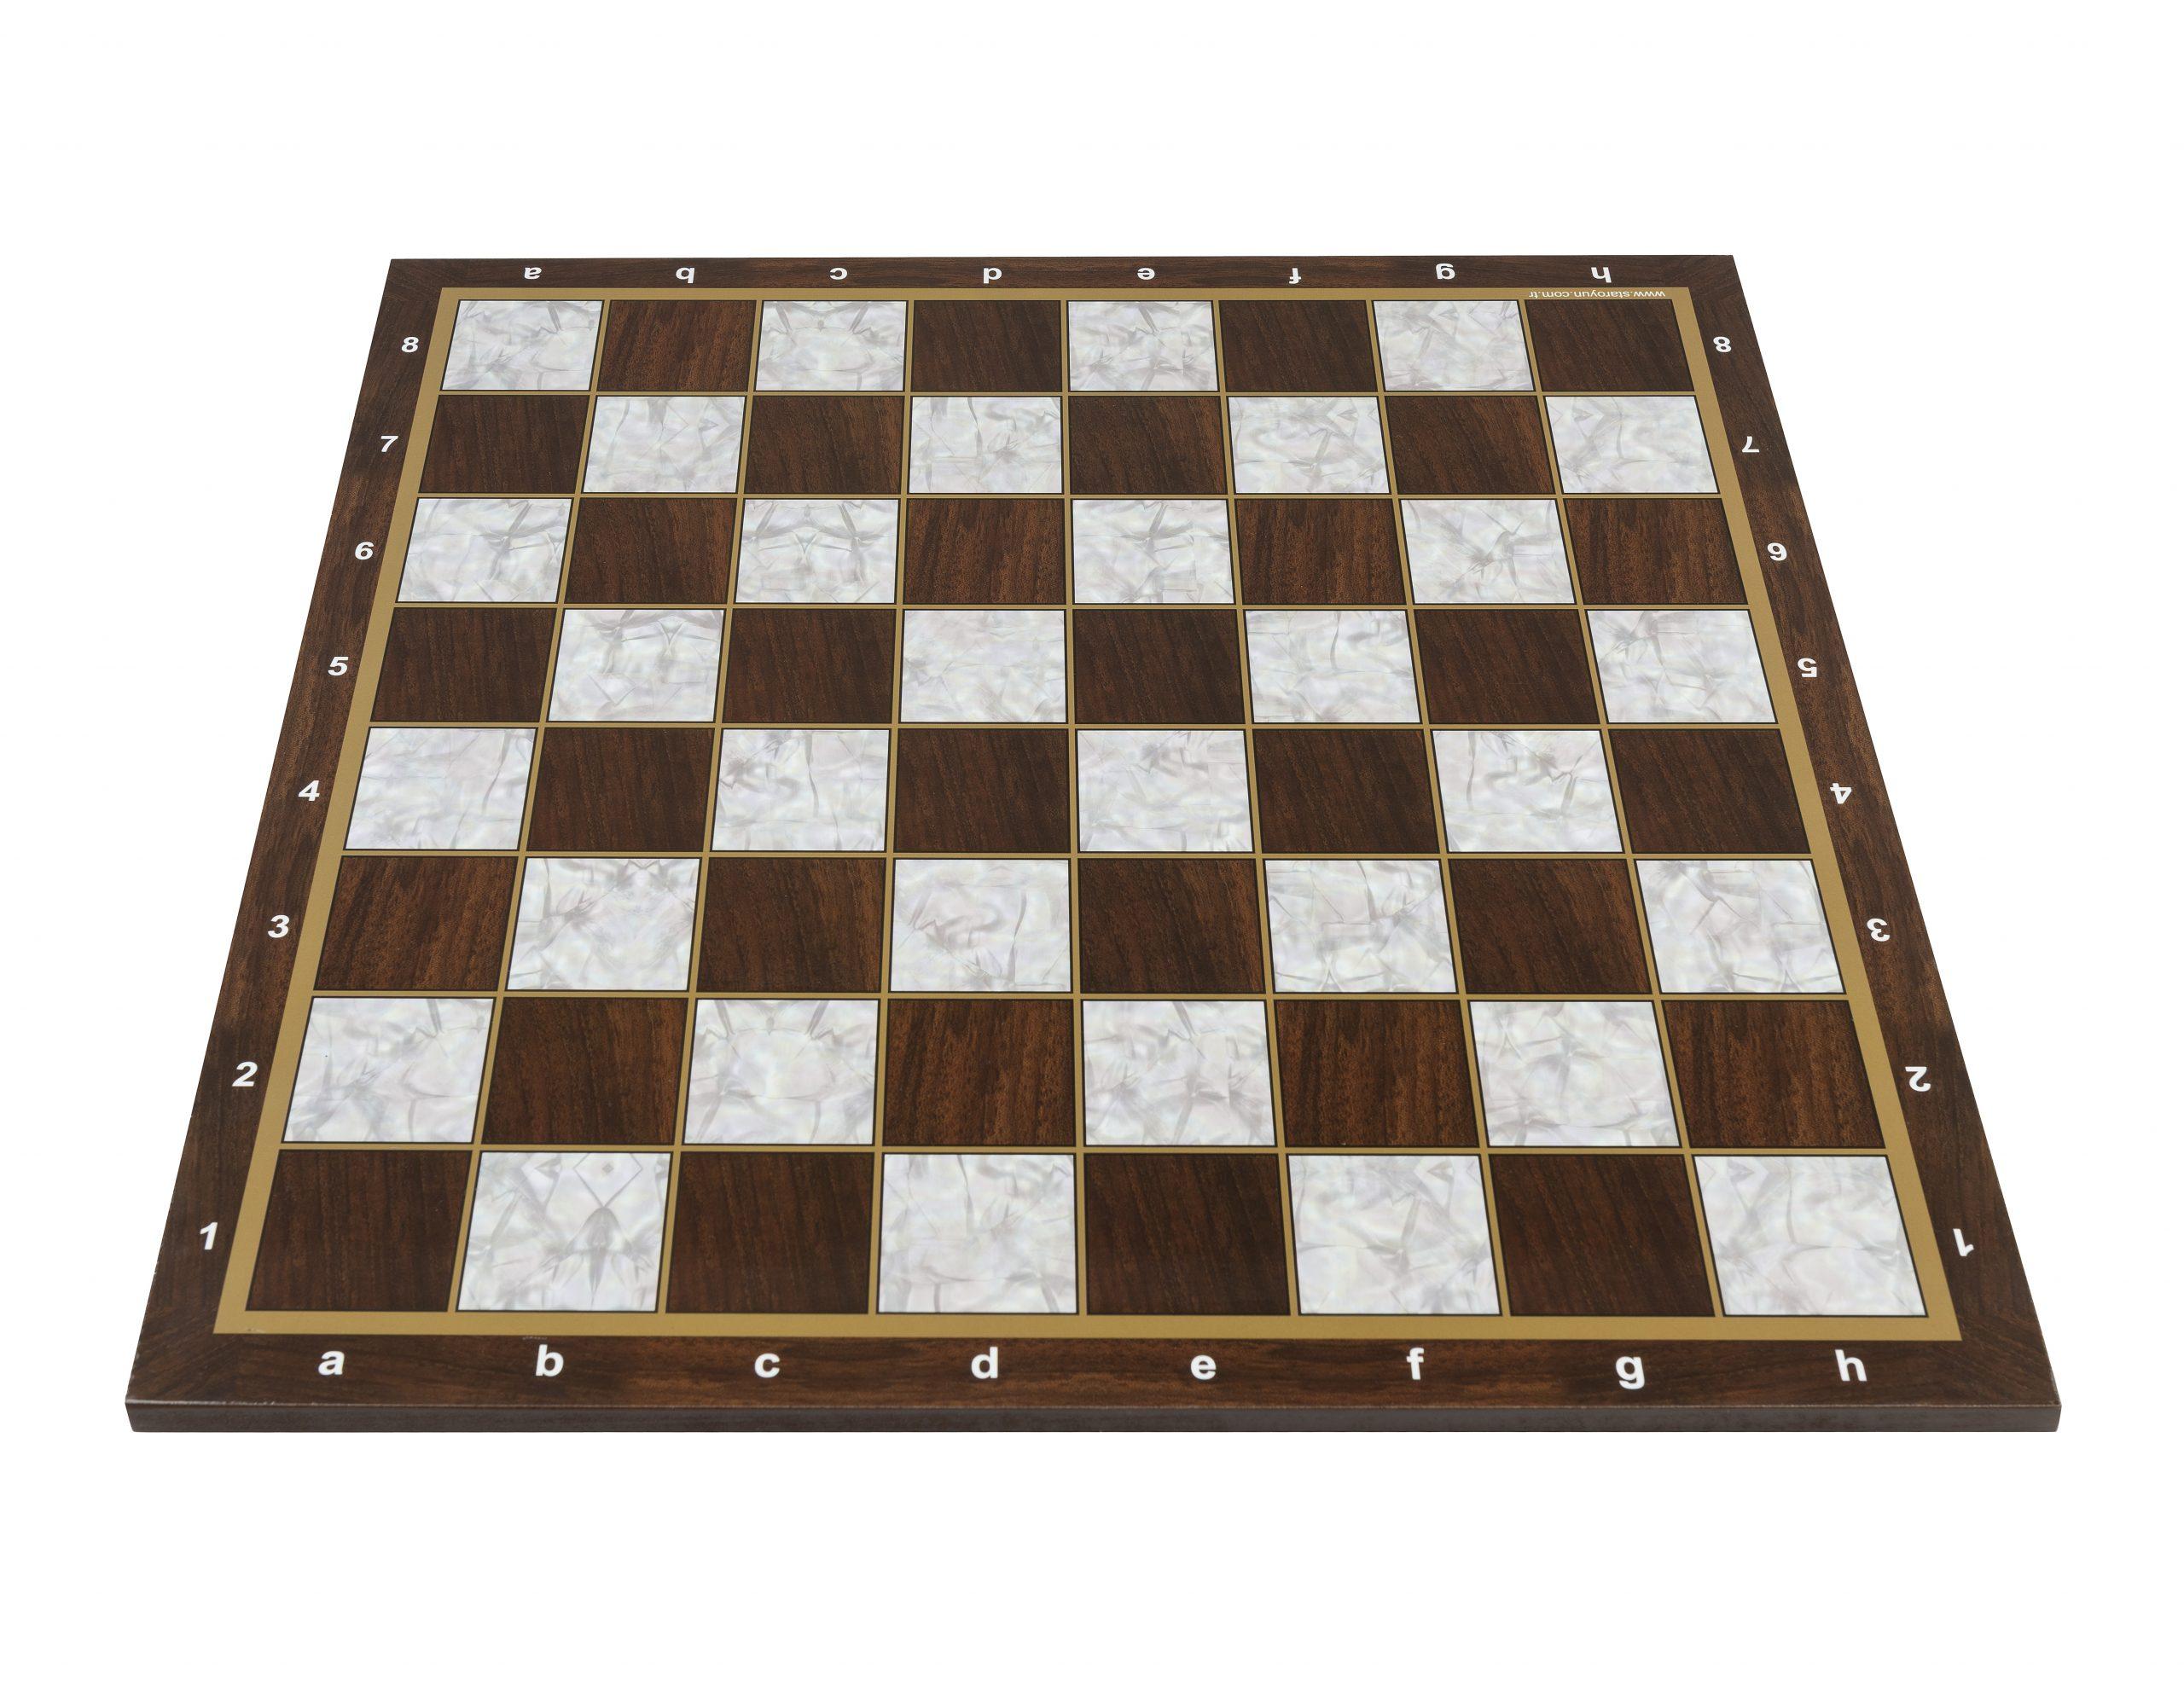 Tournament Pearl Chess Board